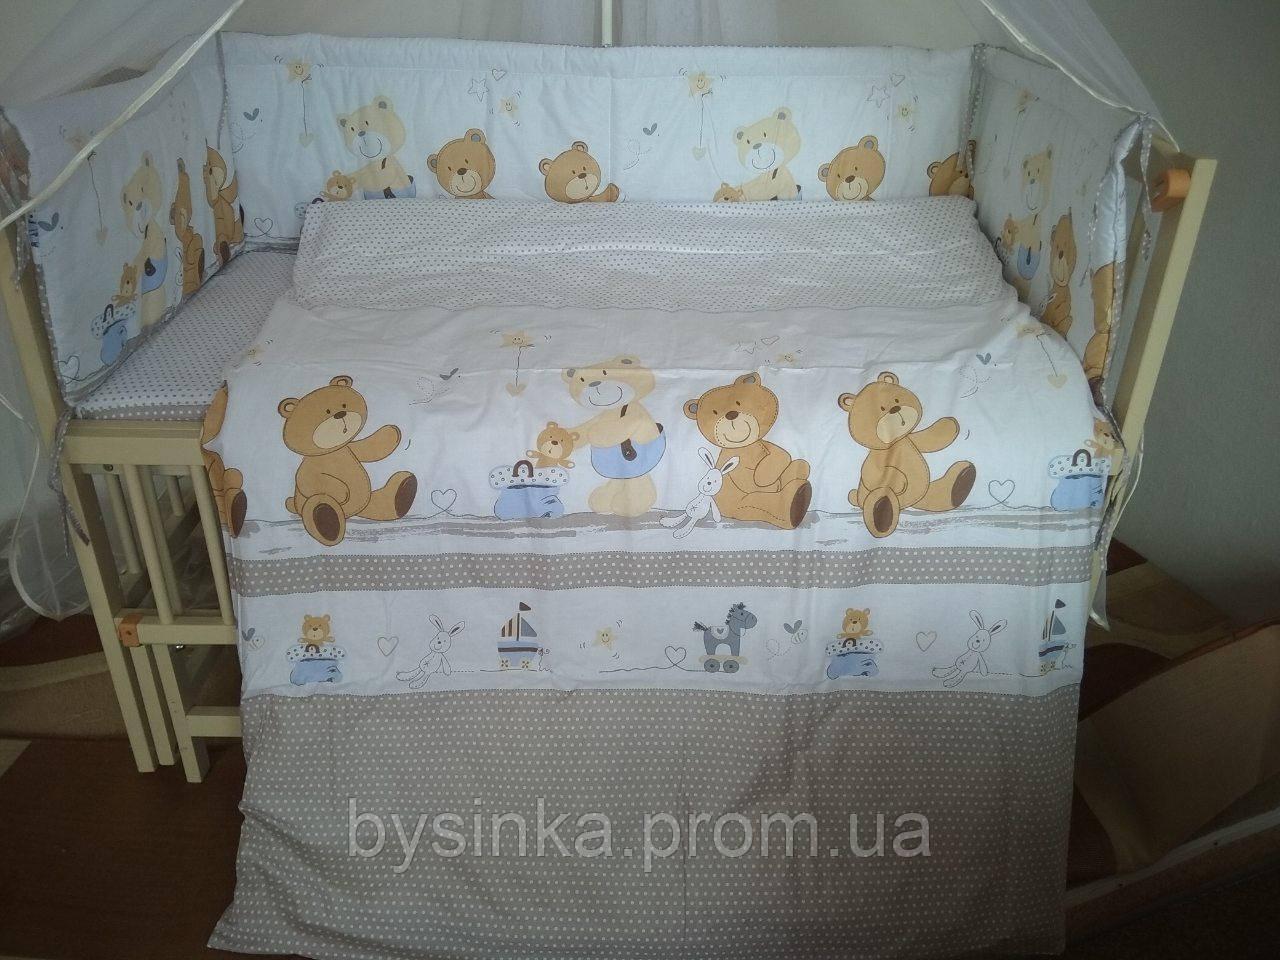 Бортики защитные в кроватку новорожденного. Organic cotton - Коллекция для новорожденных